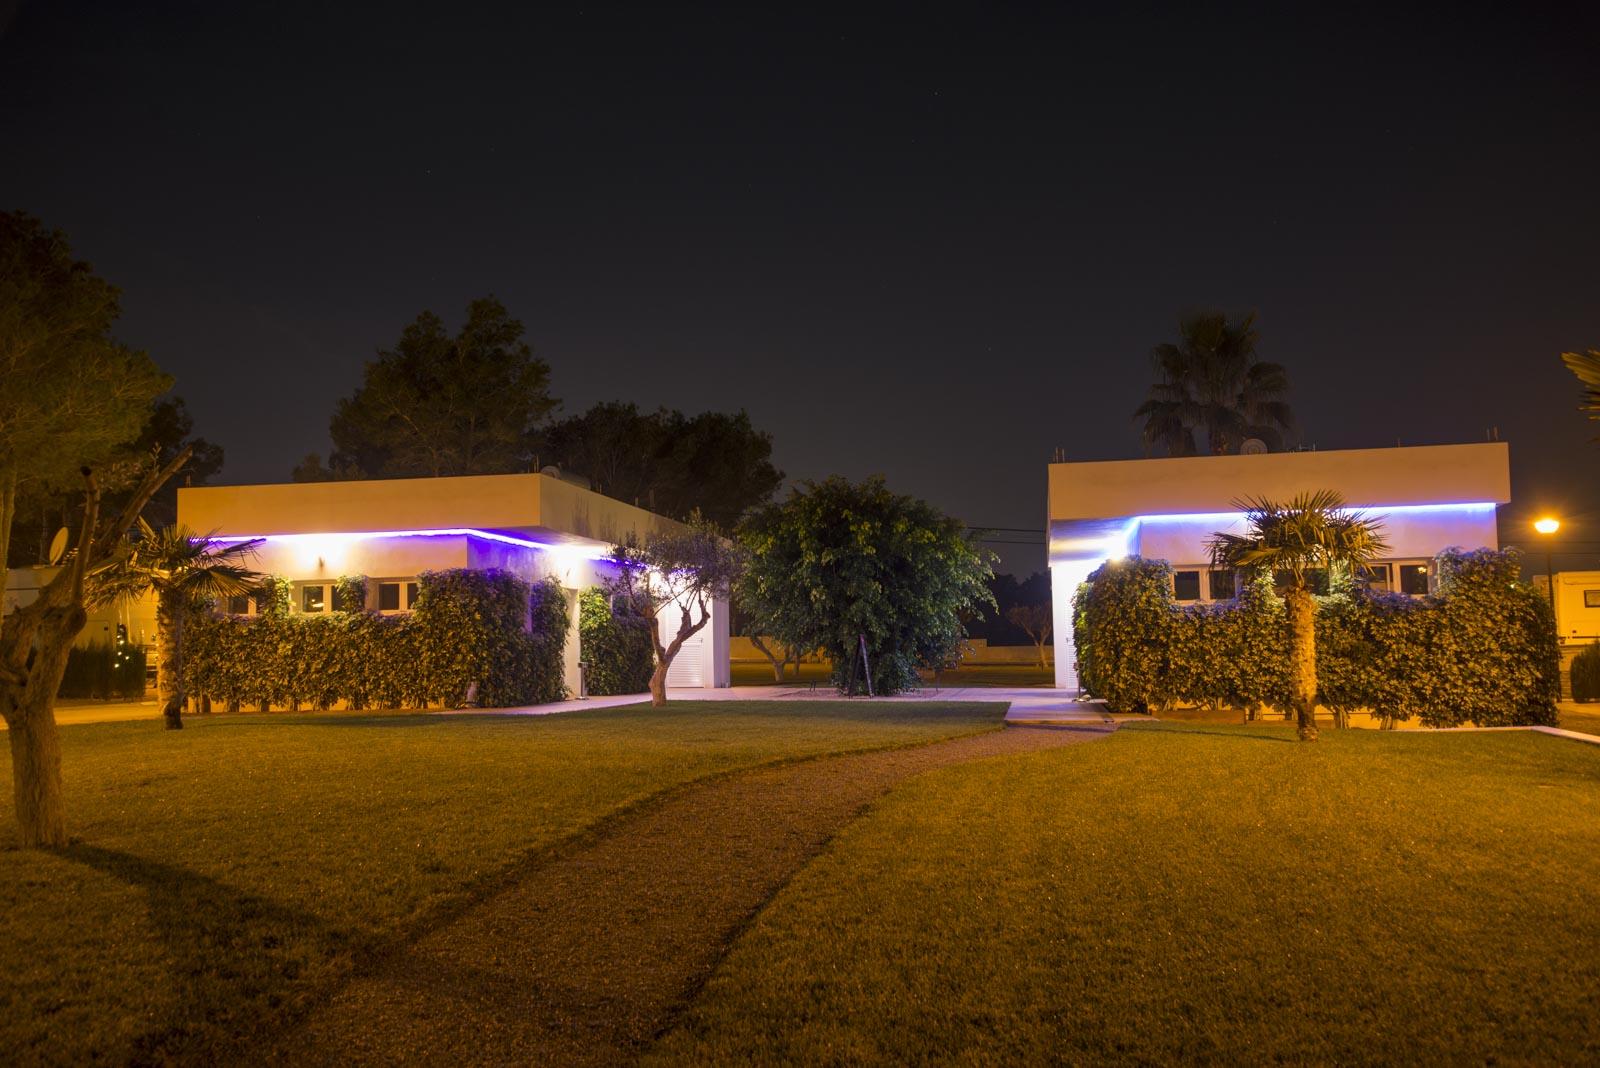 Sanitæranleggene er i likhet med resten av plassen flott belyst om kveldene